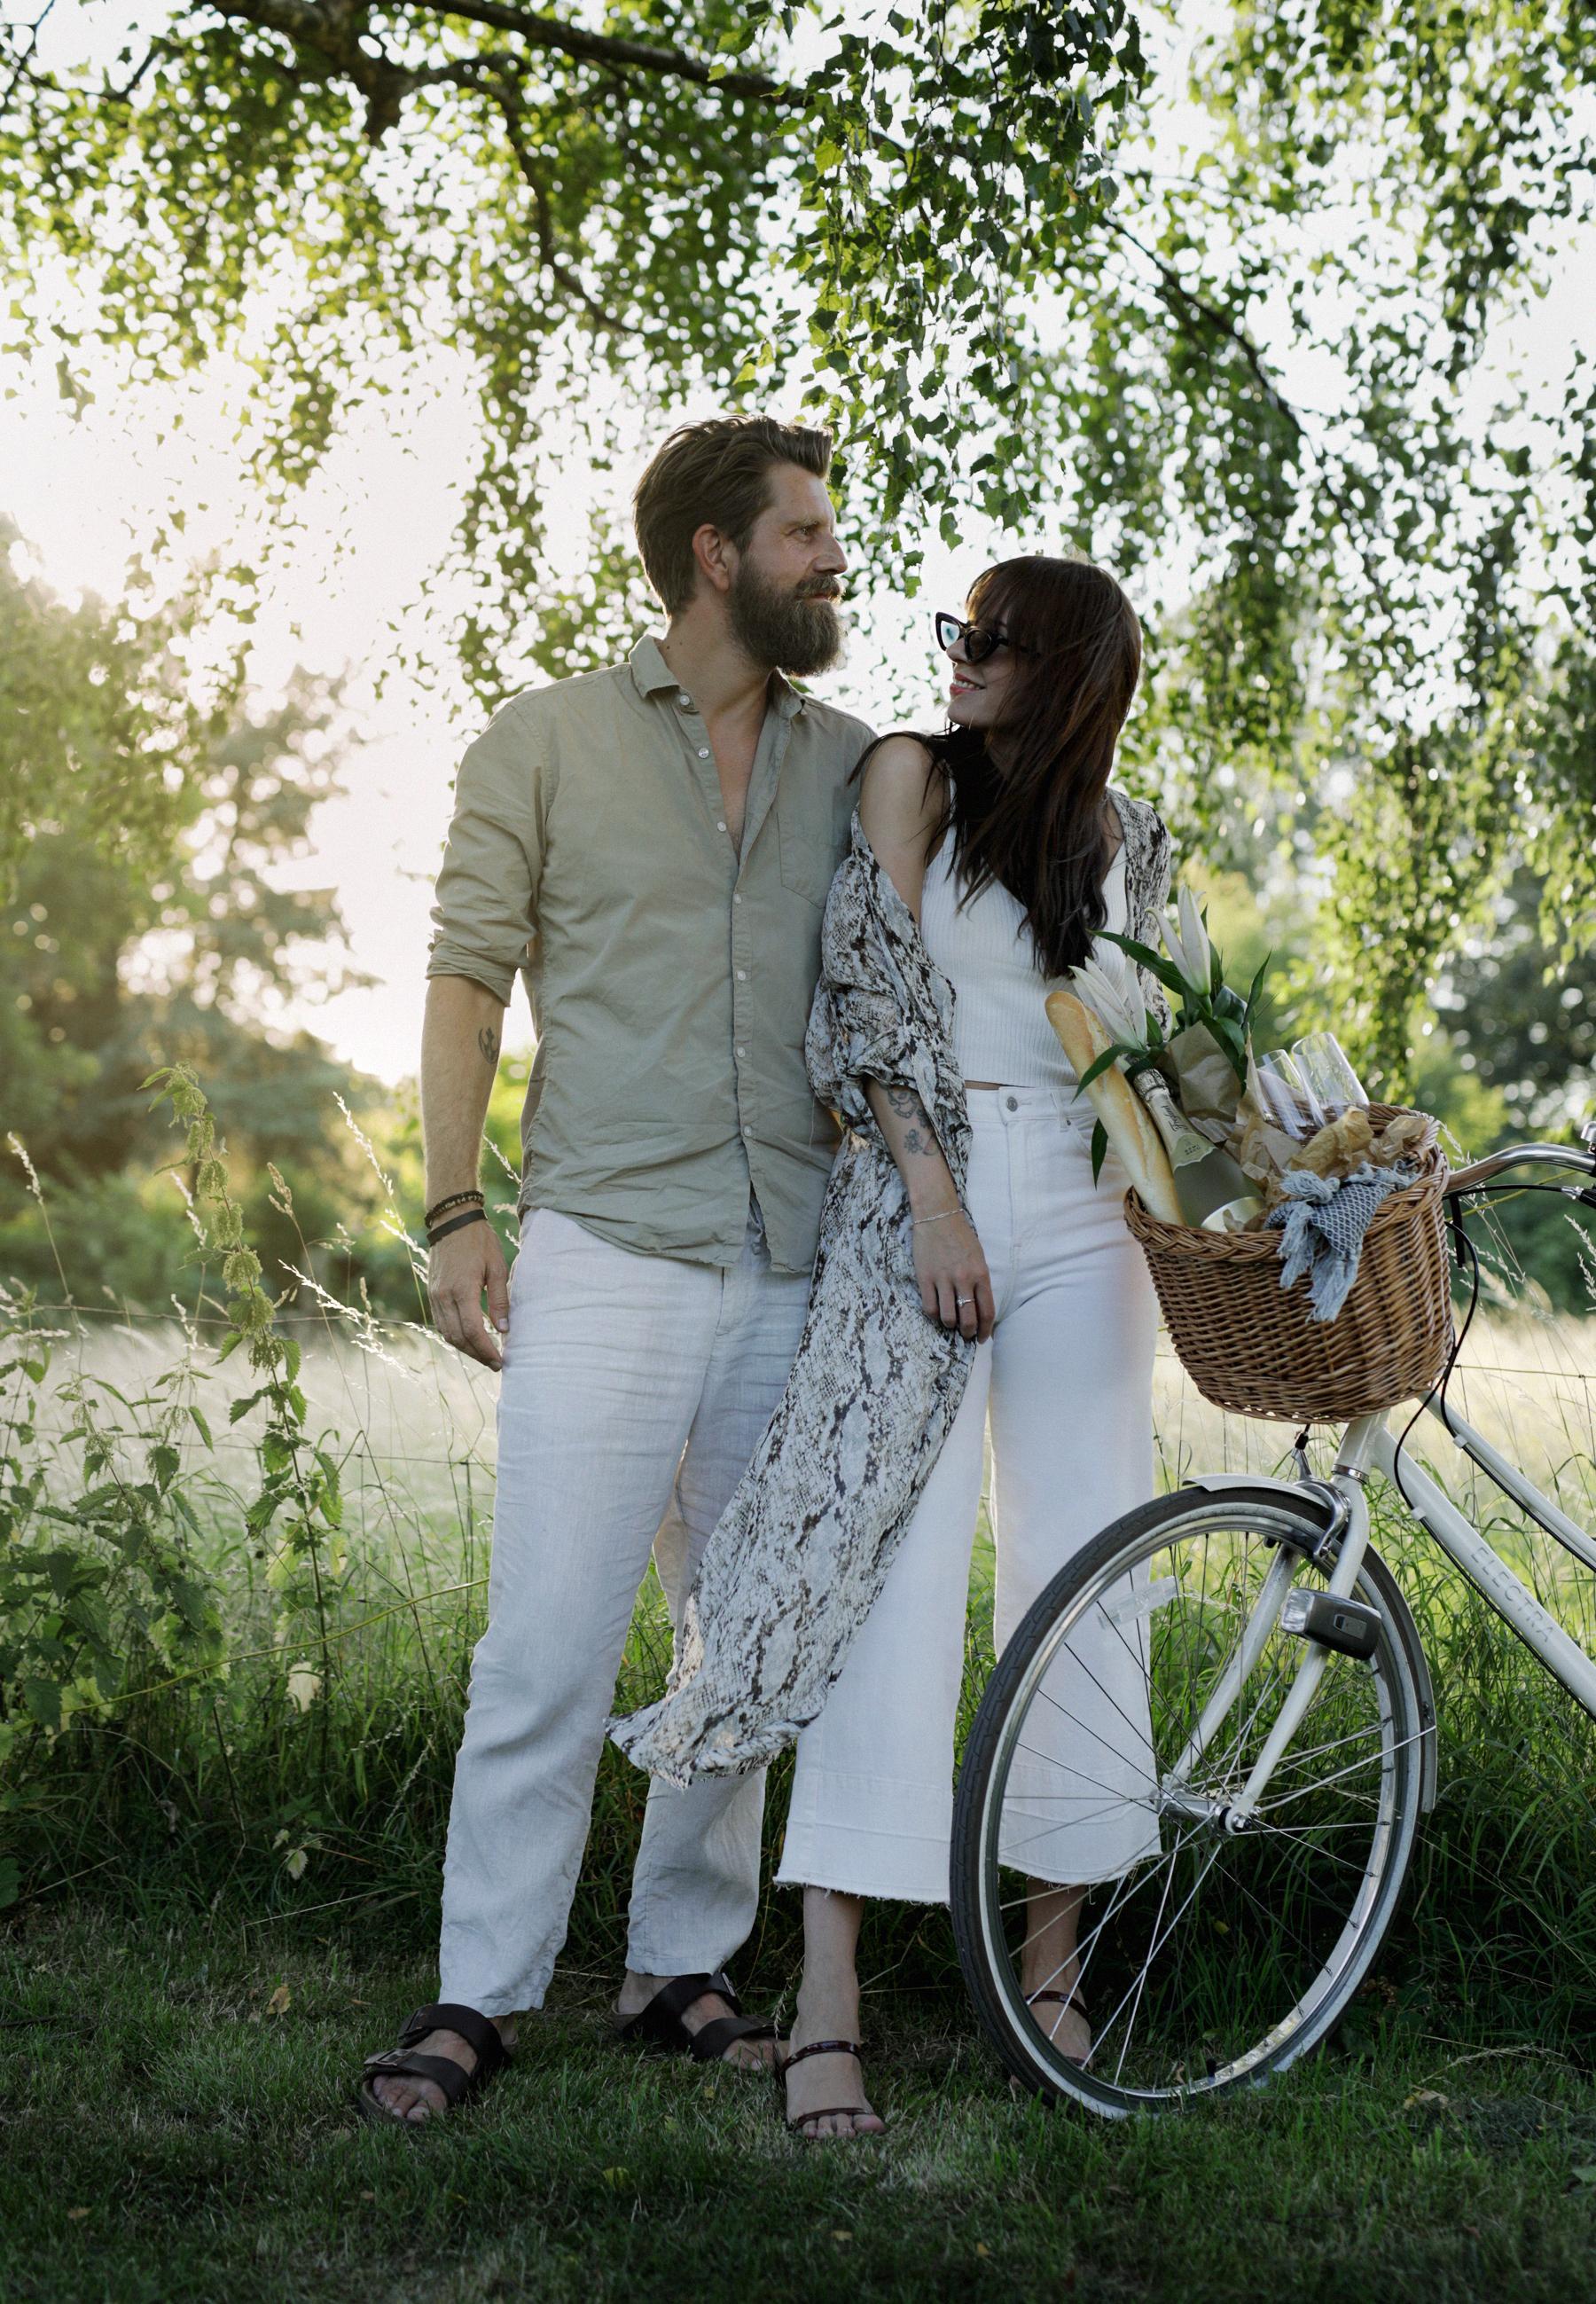 freixenet sommer auf euch frauen picnic couple lovers sunset cava schaumwein hochsommer modeblog modeblogger styleblog fashionbloggers catsanddogsblog max bechmann ricarda schernus düsseldorf 5